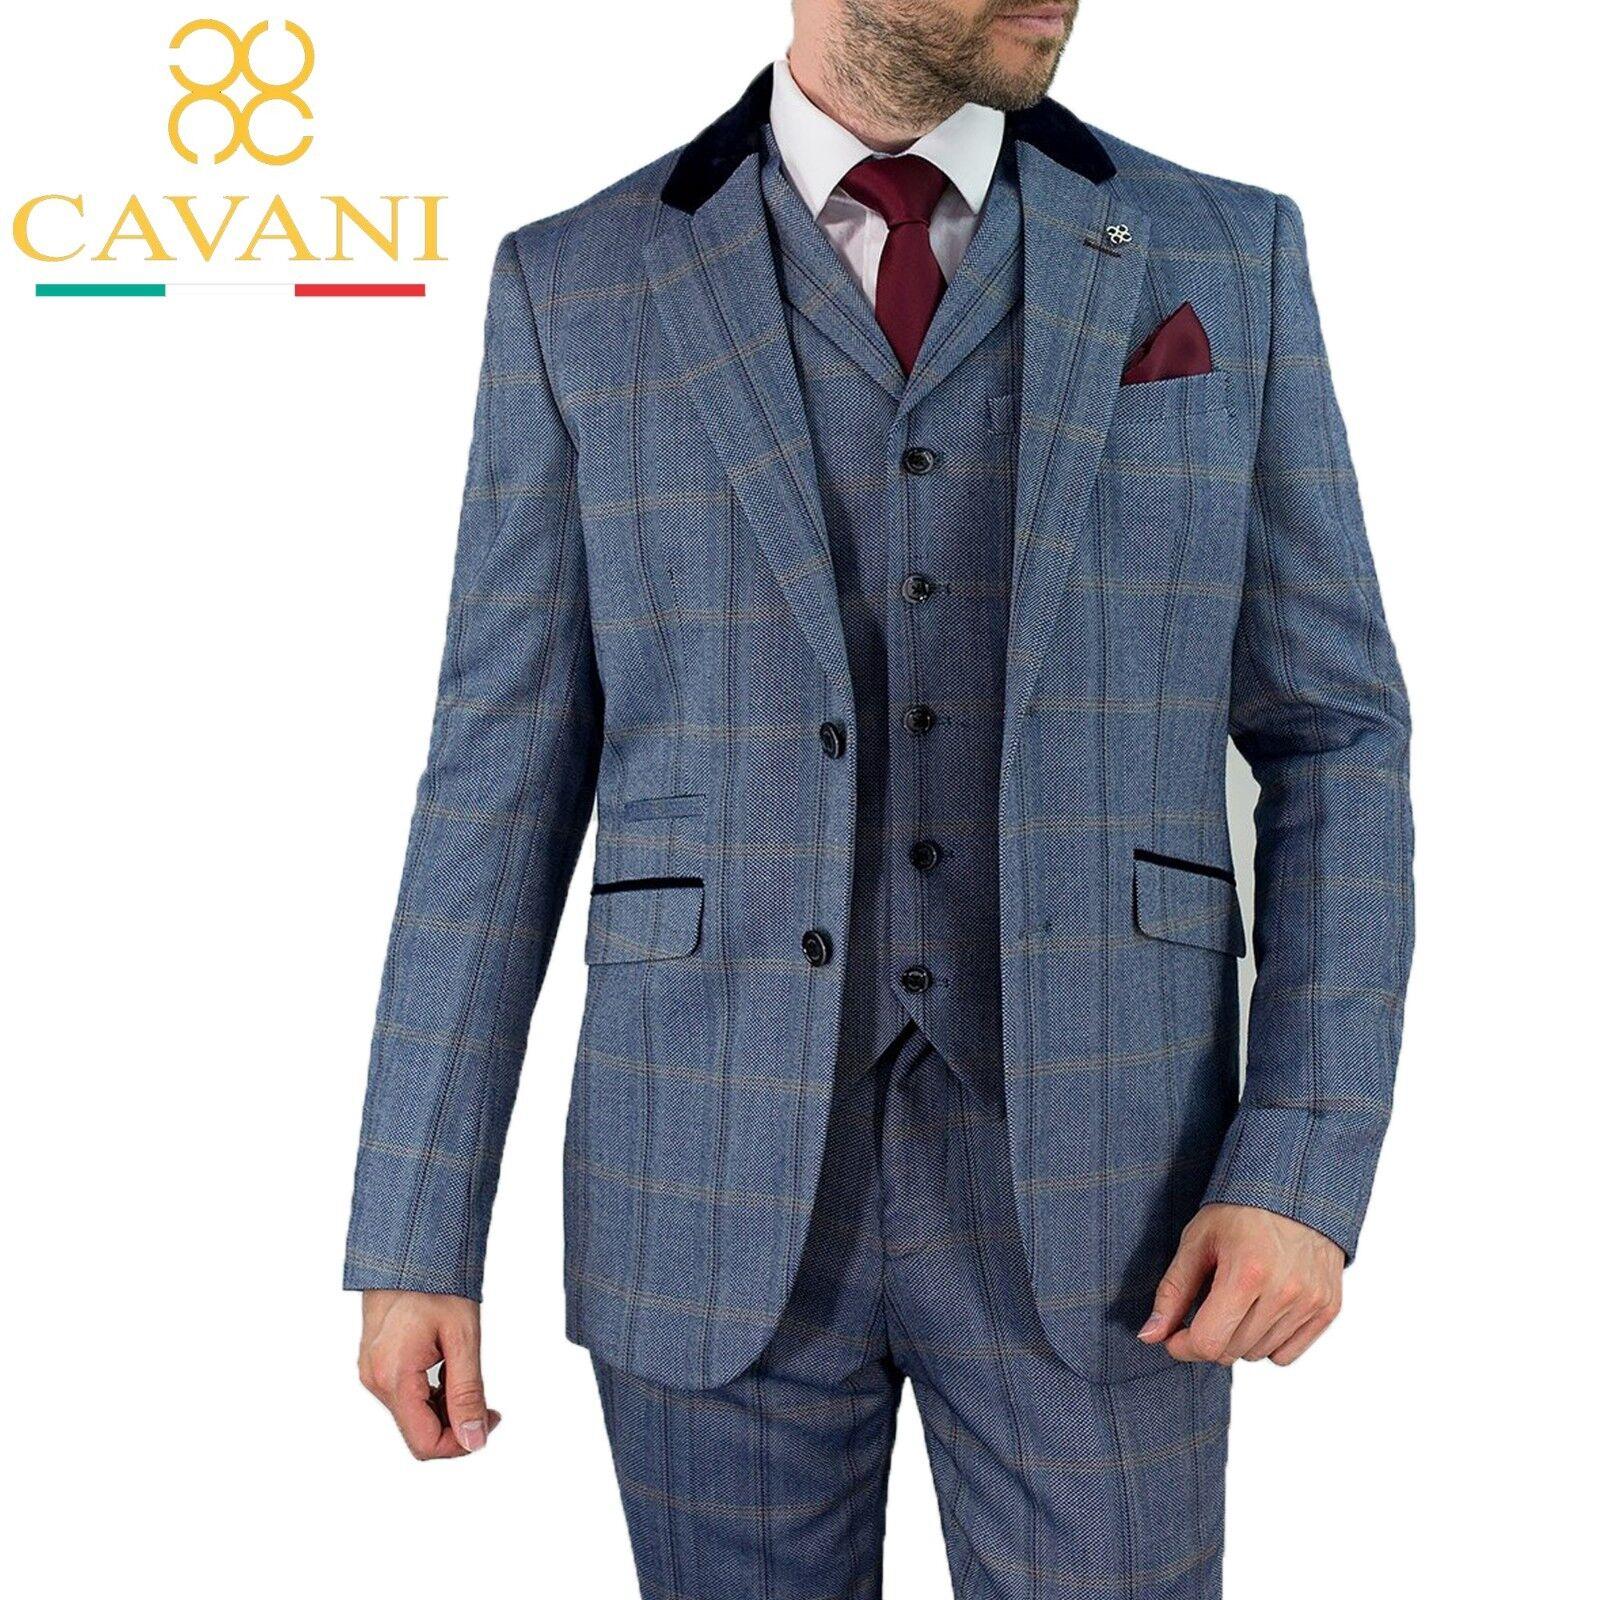 Herren Cavani Peaky Blinders Connal Blau Tweed Wool Formal Wedding 3 Piece Suit